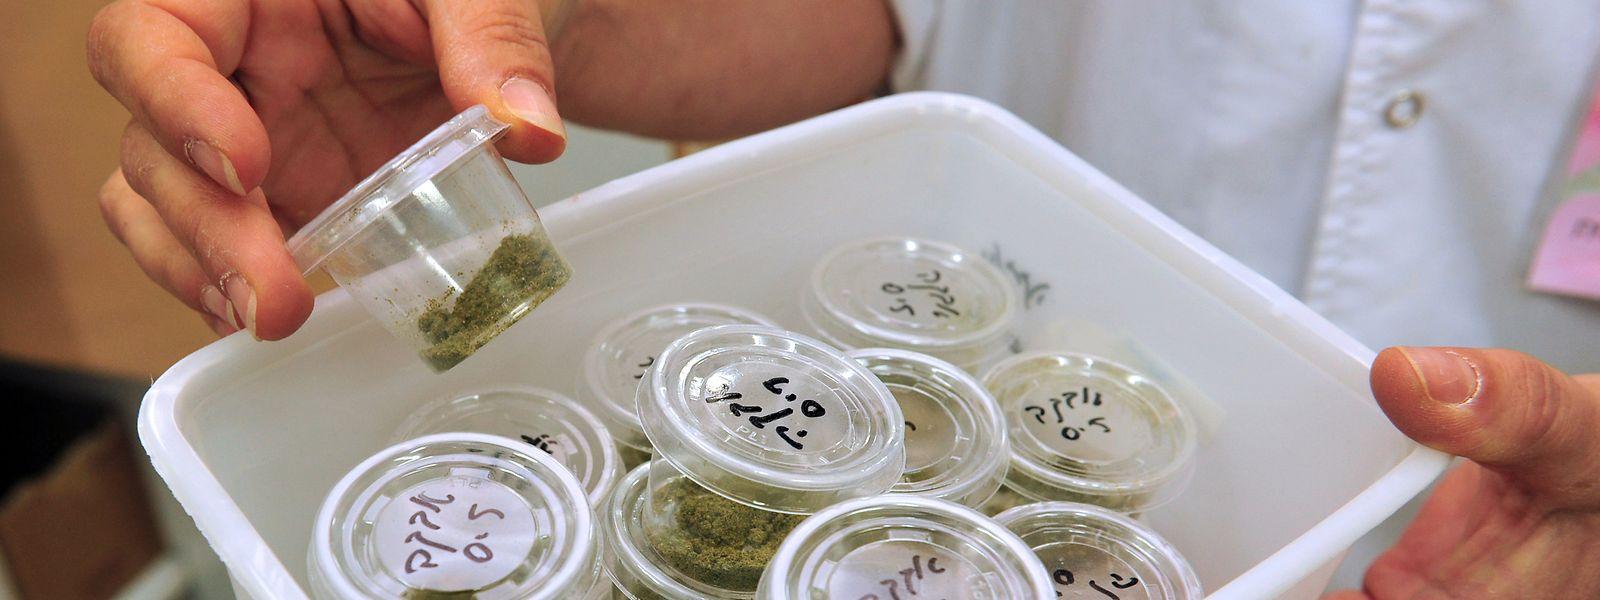 Le pays dispose actuellement d'une autorisation à hauteur de 270 kg d'importation de cannabis à usage thérapeutique.